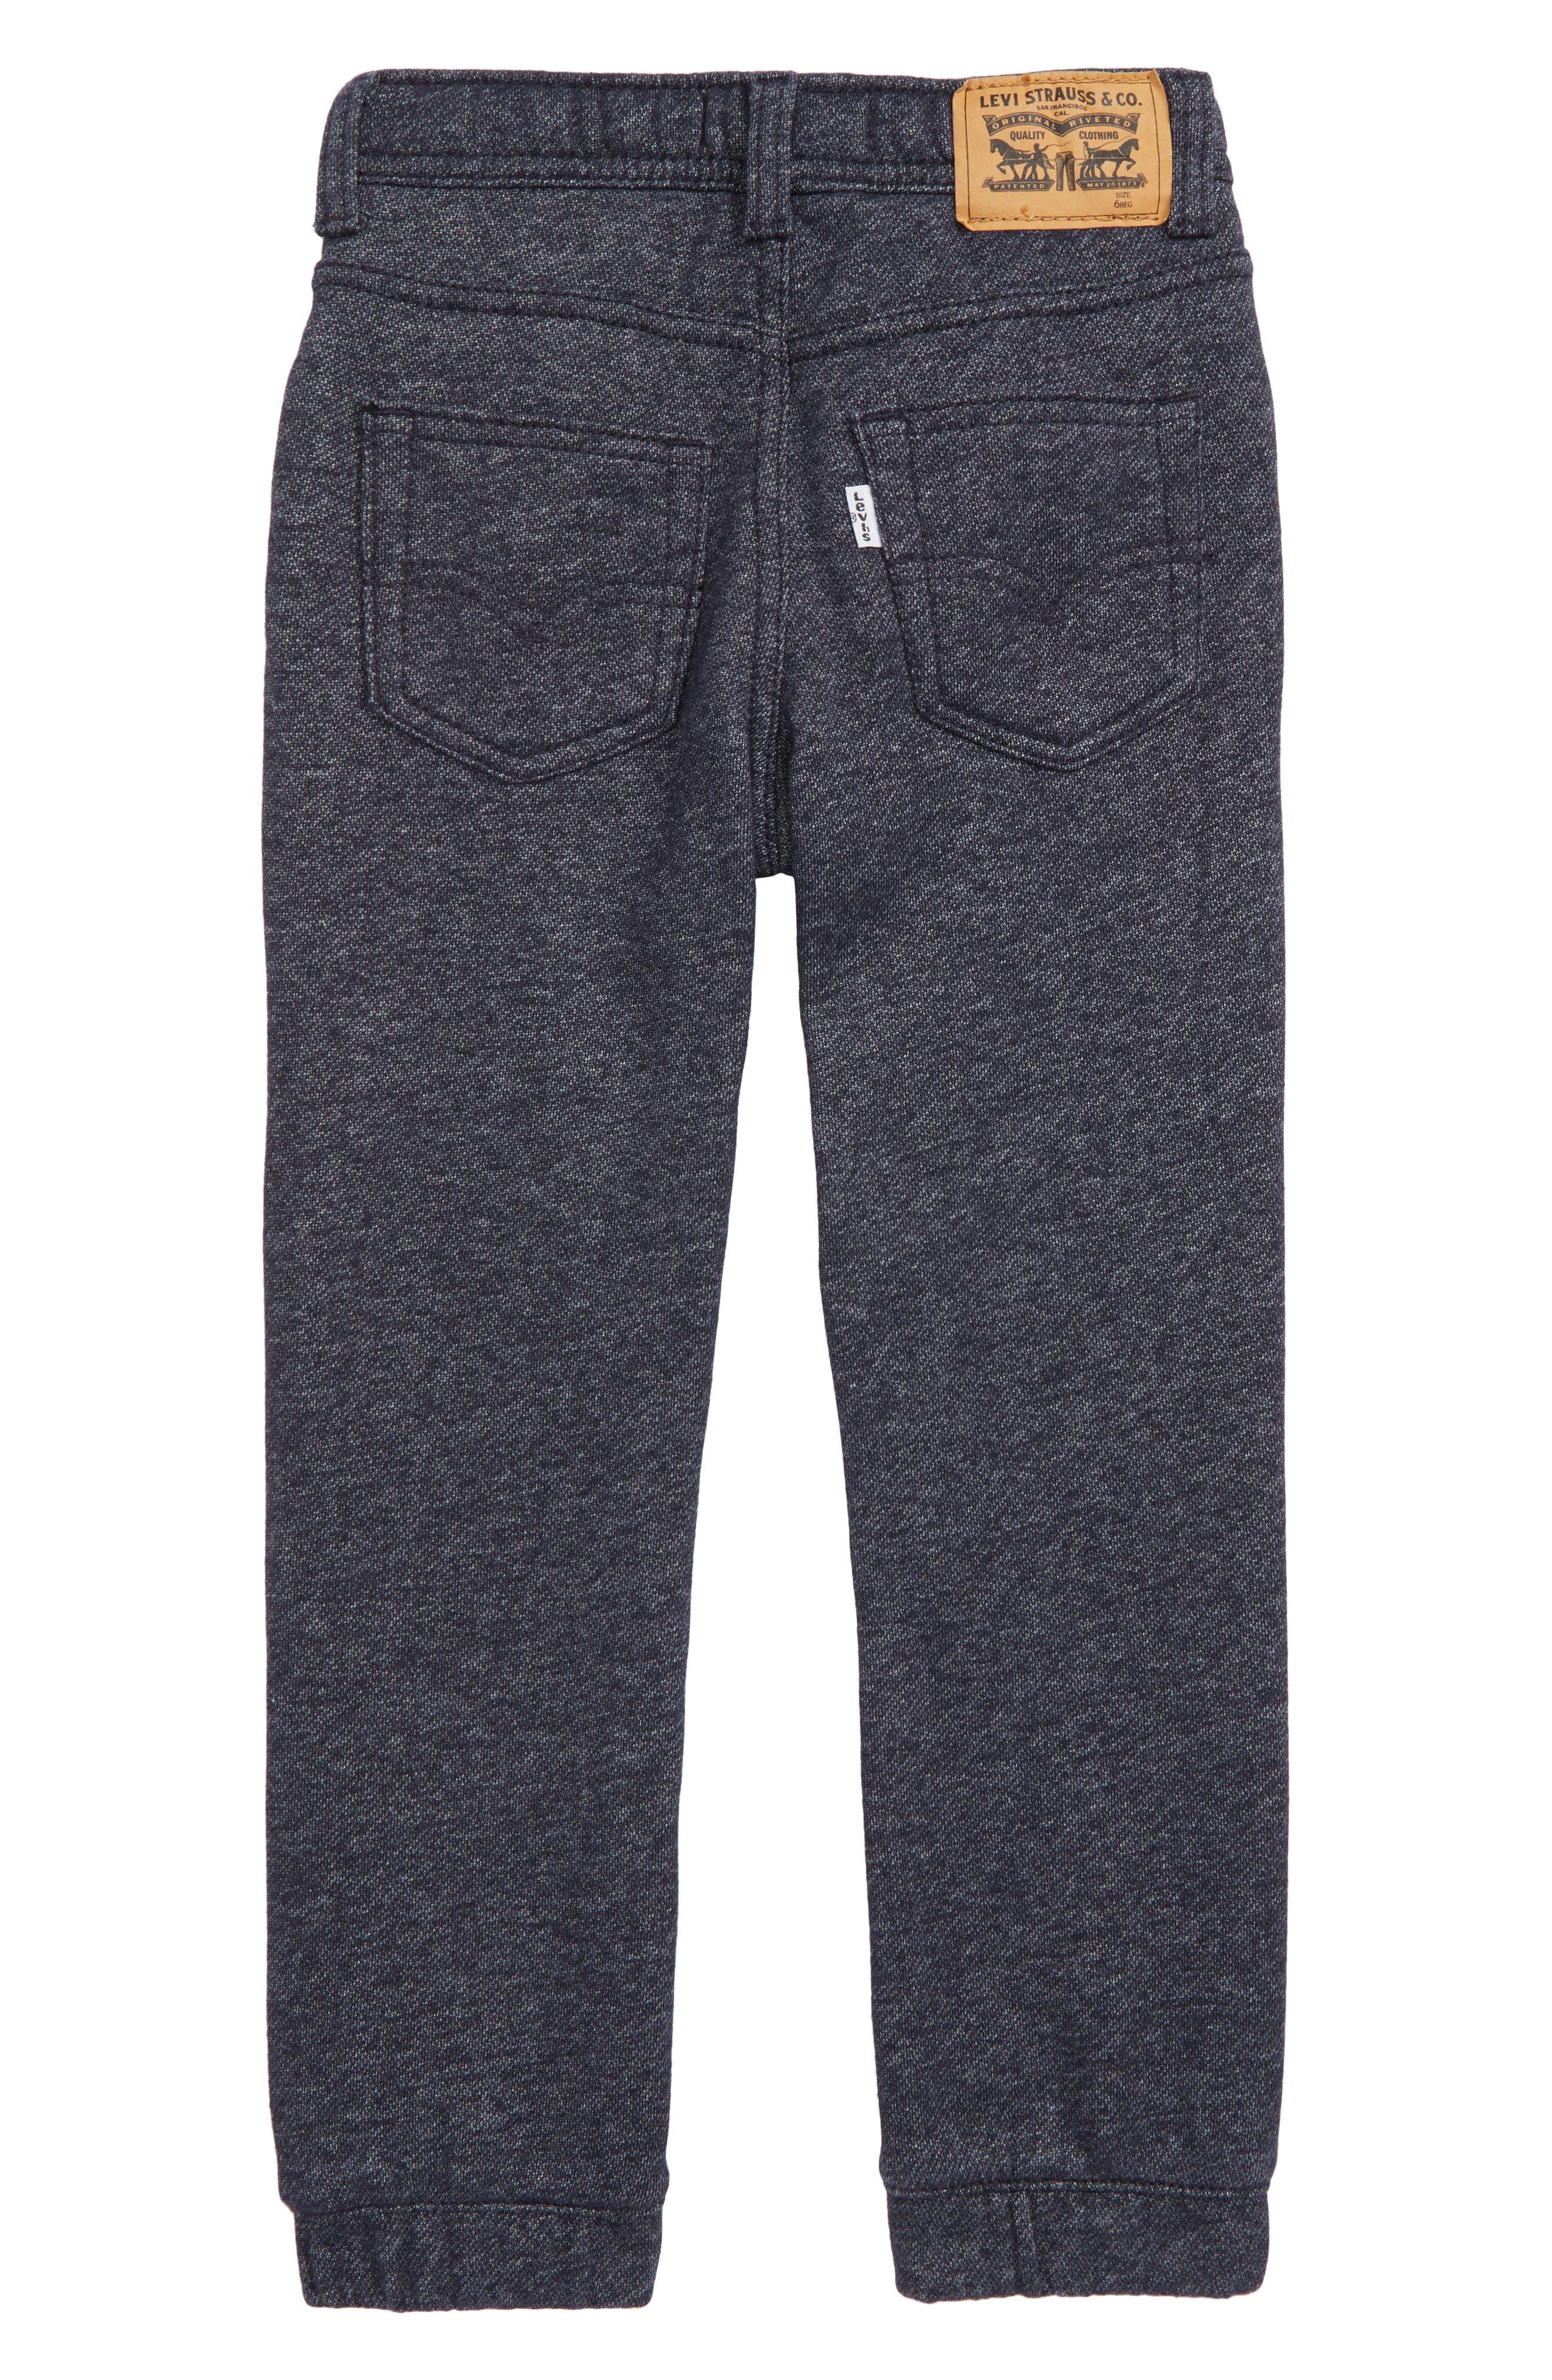 Knit Jogger Pants,                             Alternate thumbnail 2, color,                             410